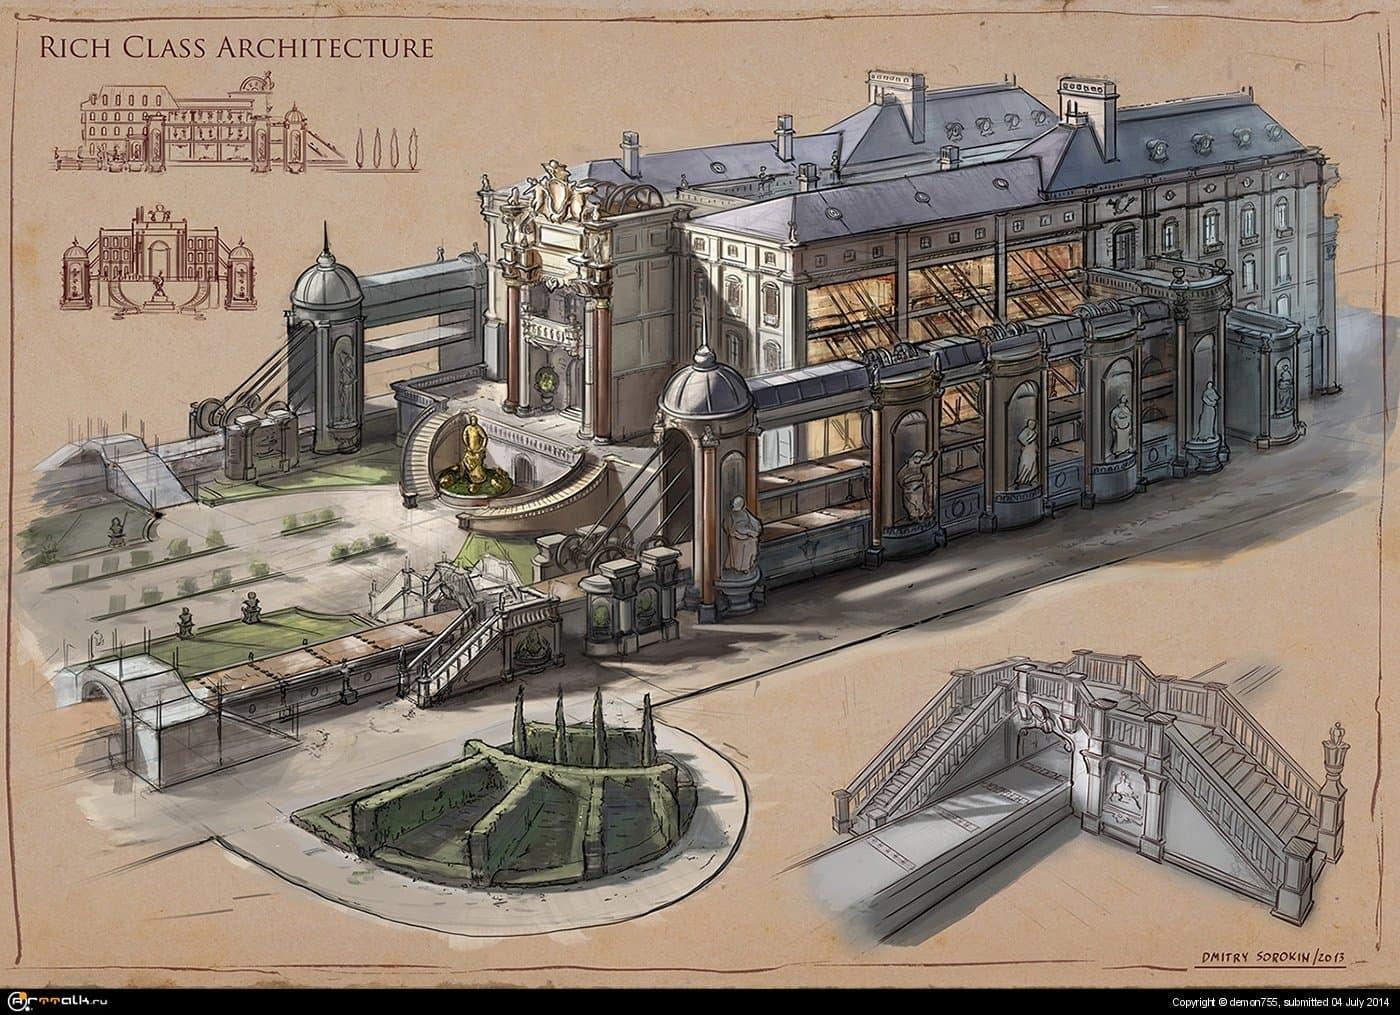 La Revolution 1625. Rich Class Architecture